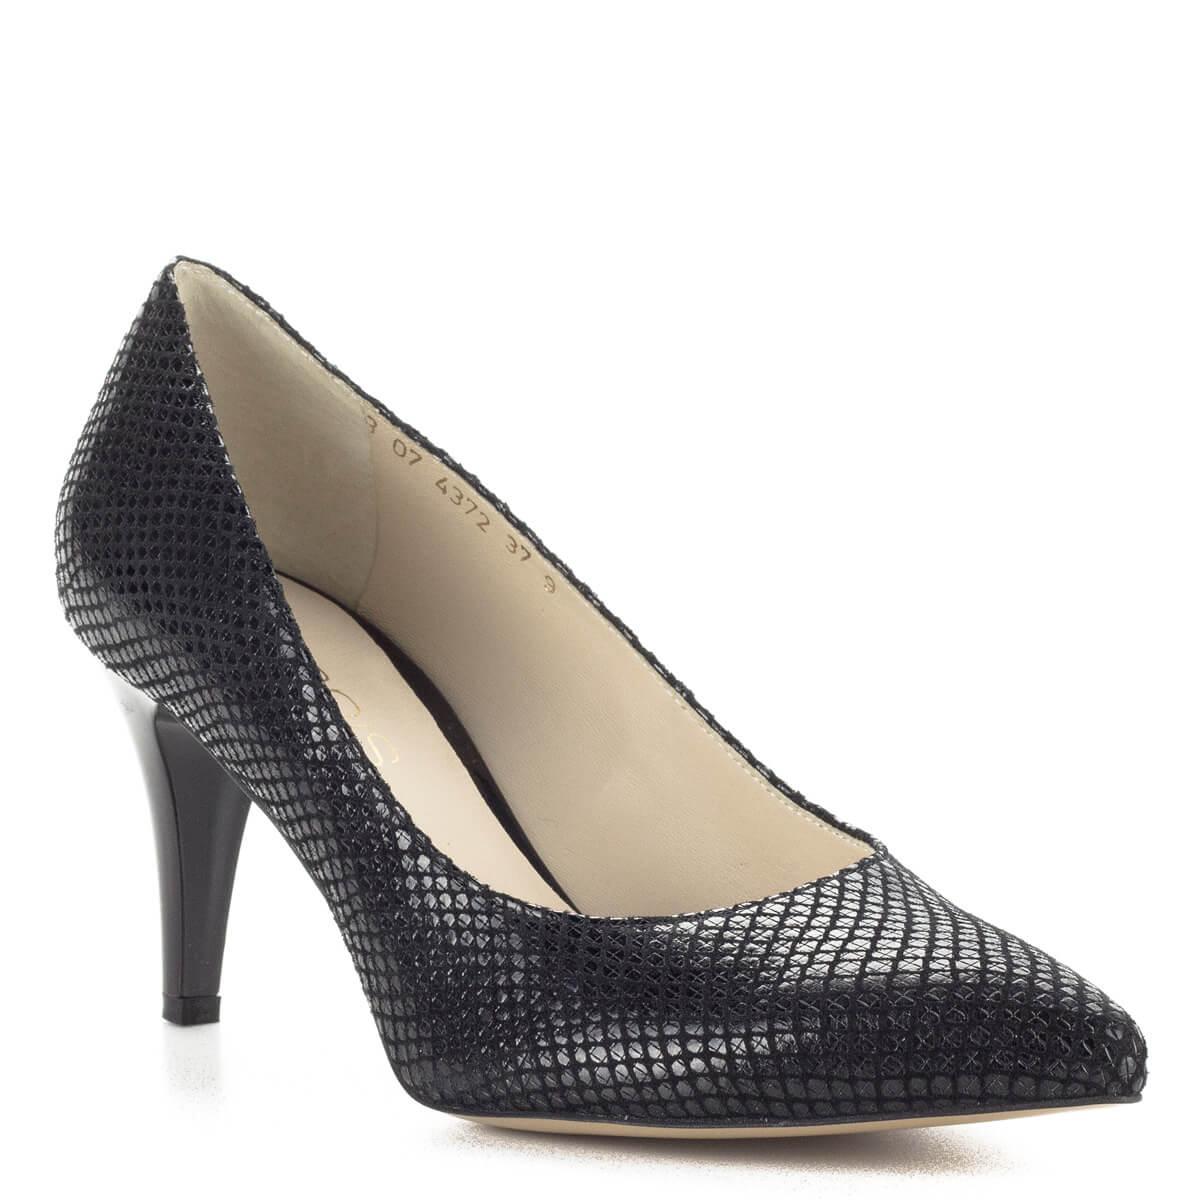 Anis mintás fekete magassarkú női cipő 7,5 cm magas sarokkal